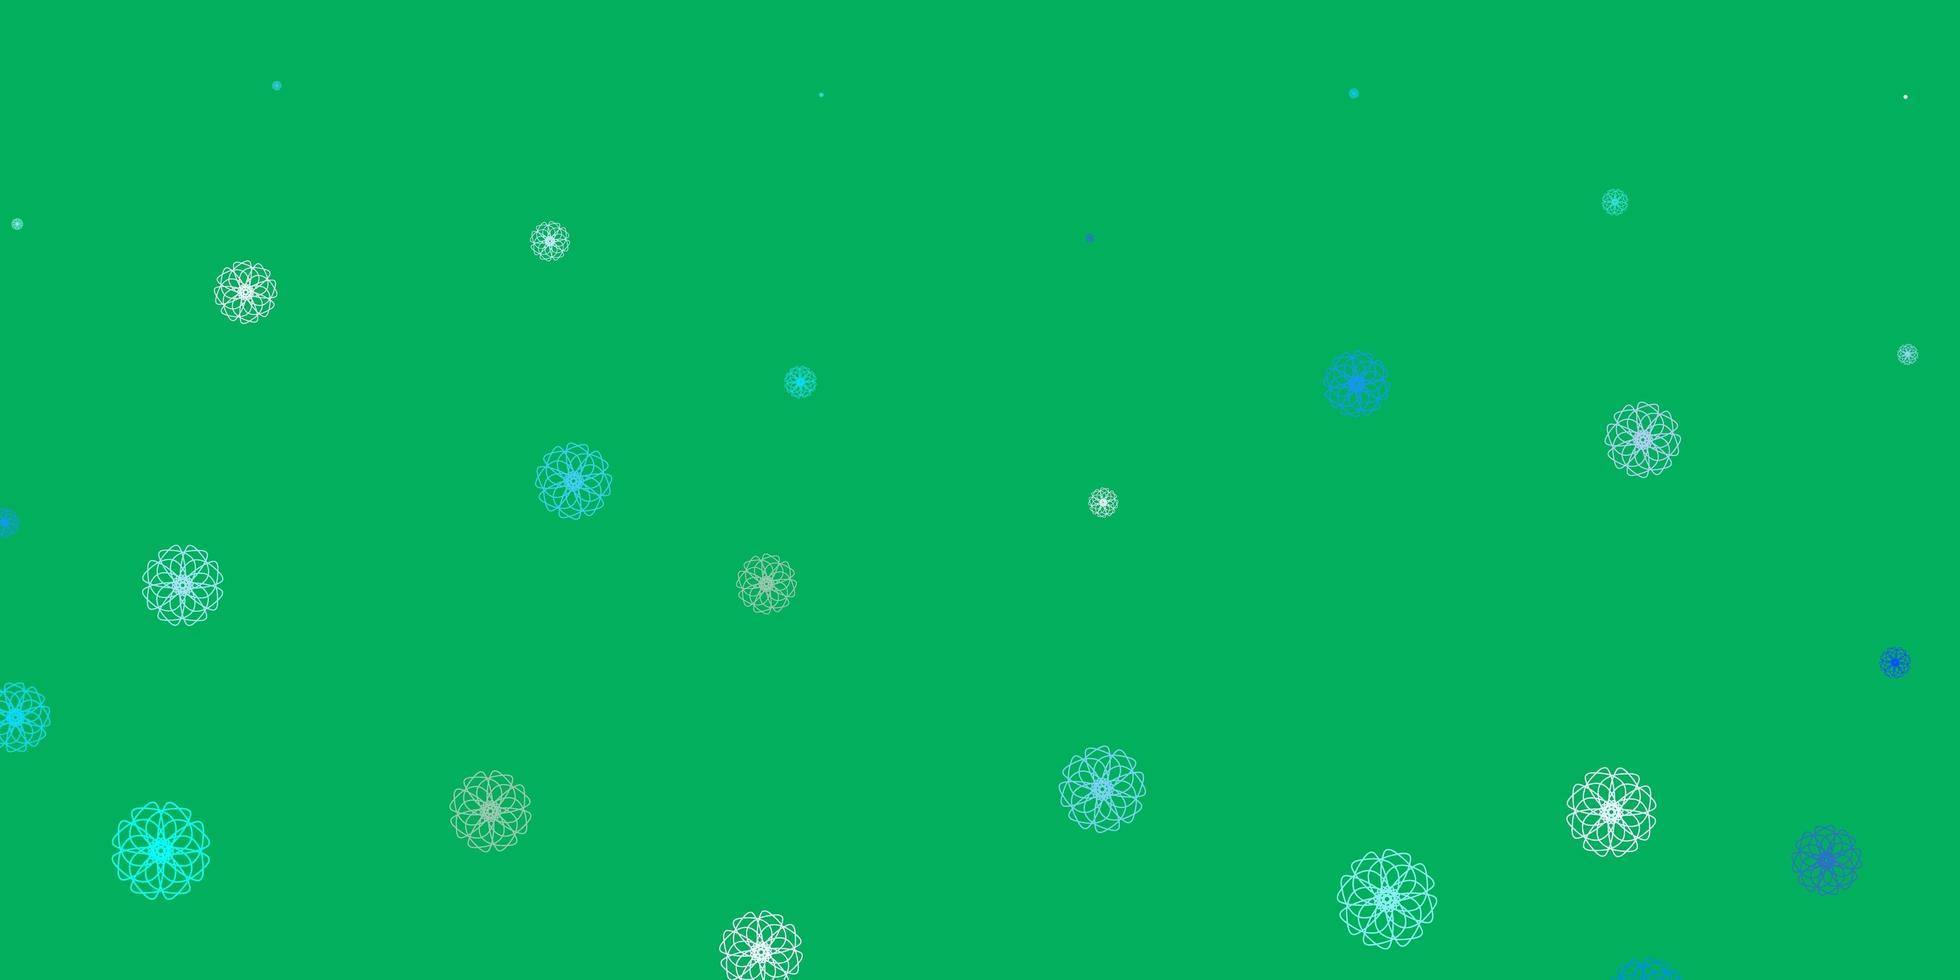 oeuvre naturelle de vecteur bleu clair, vert avec des fleurs.